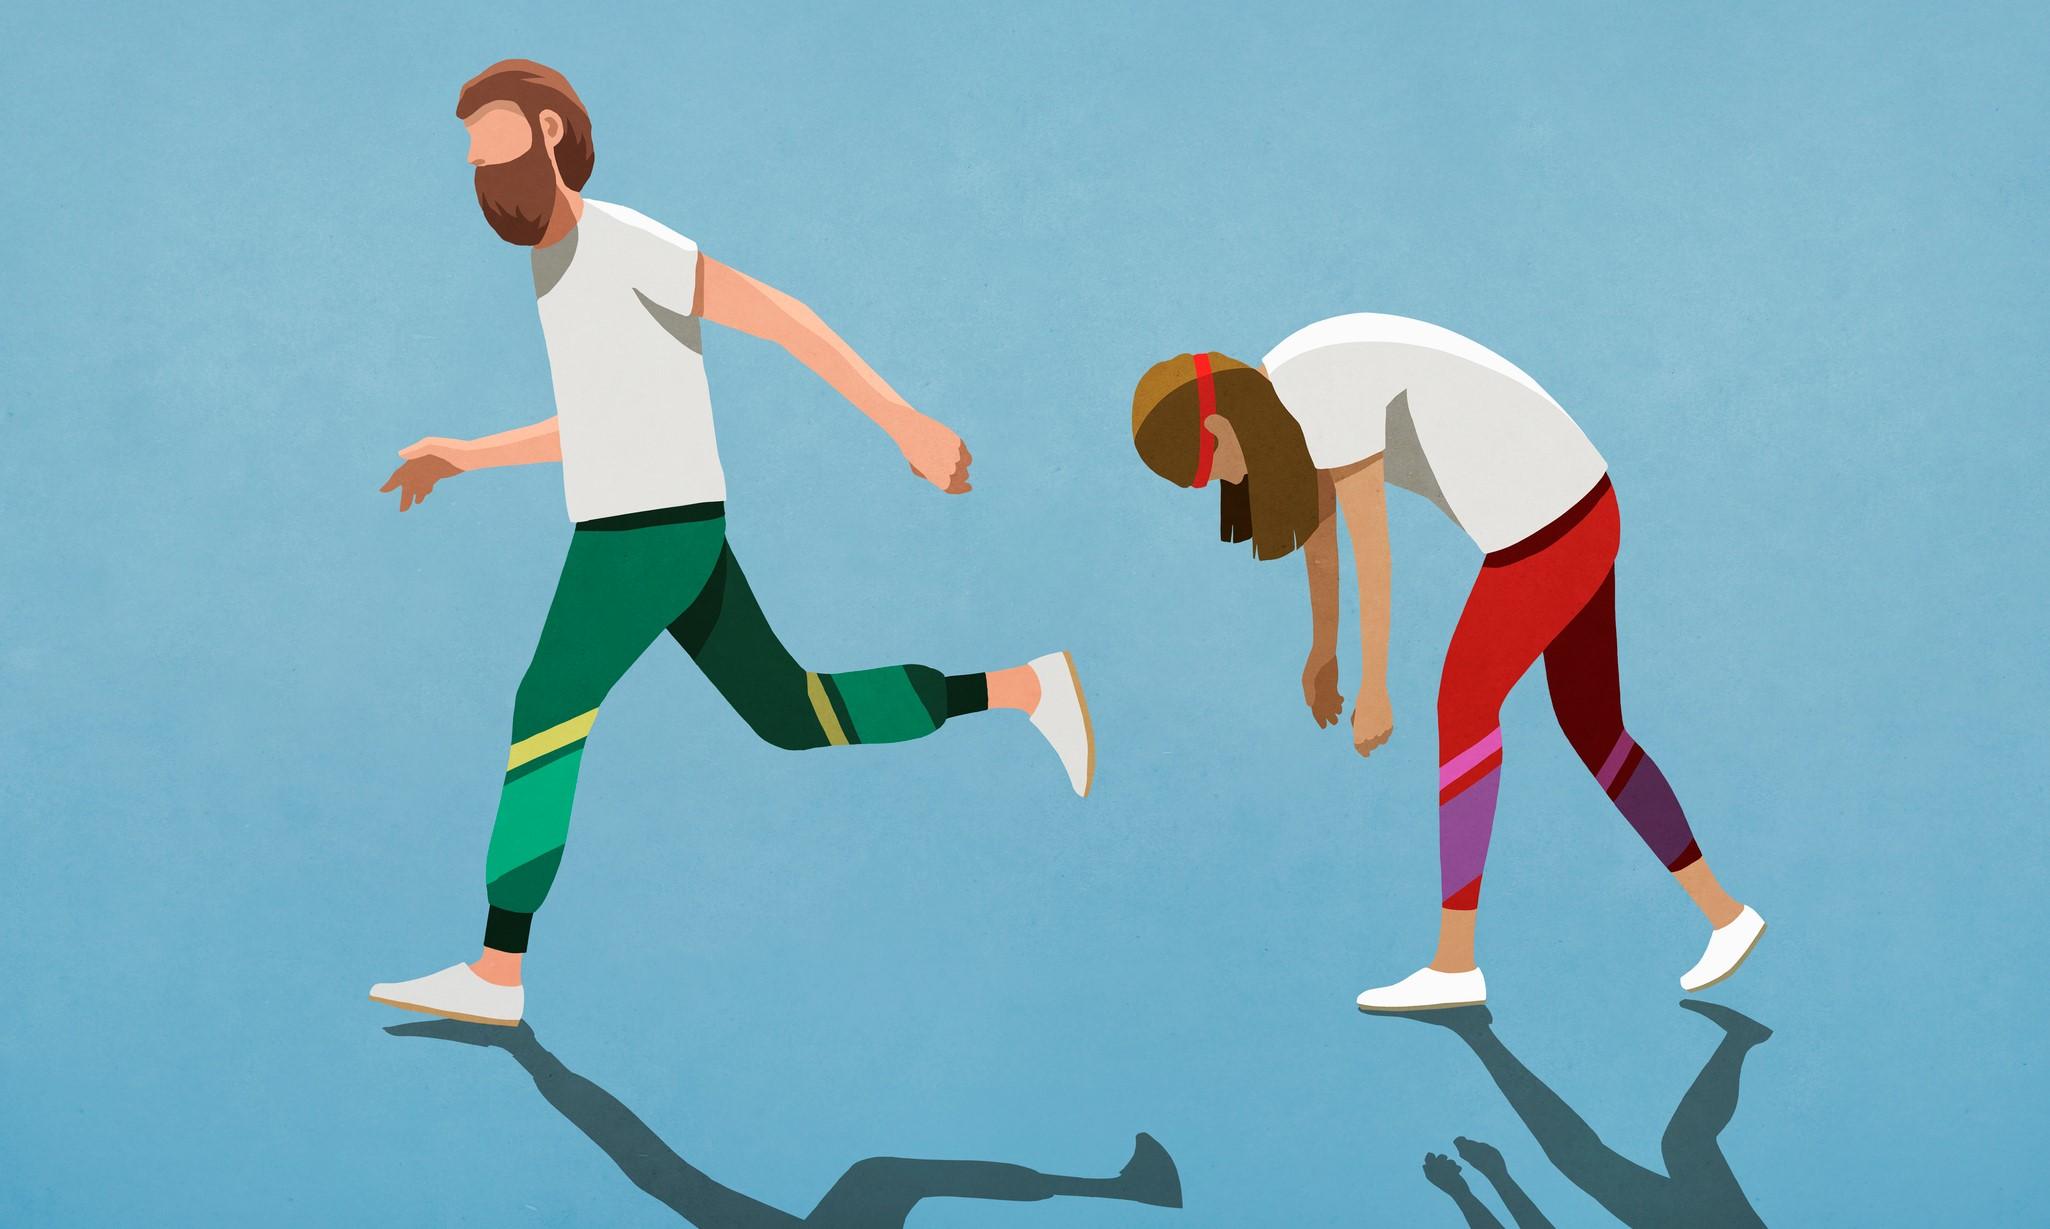 運動は体にいい?やり過ぎると体に悪い?研究調査から考えてみる ...